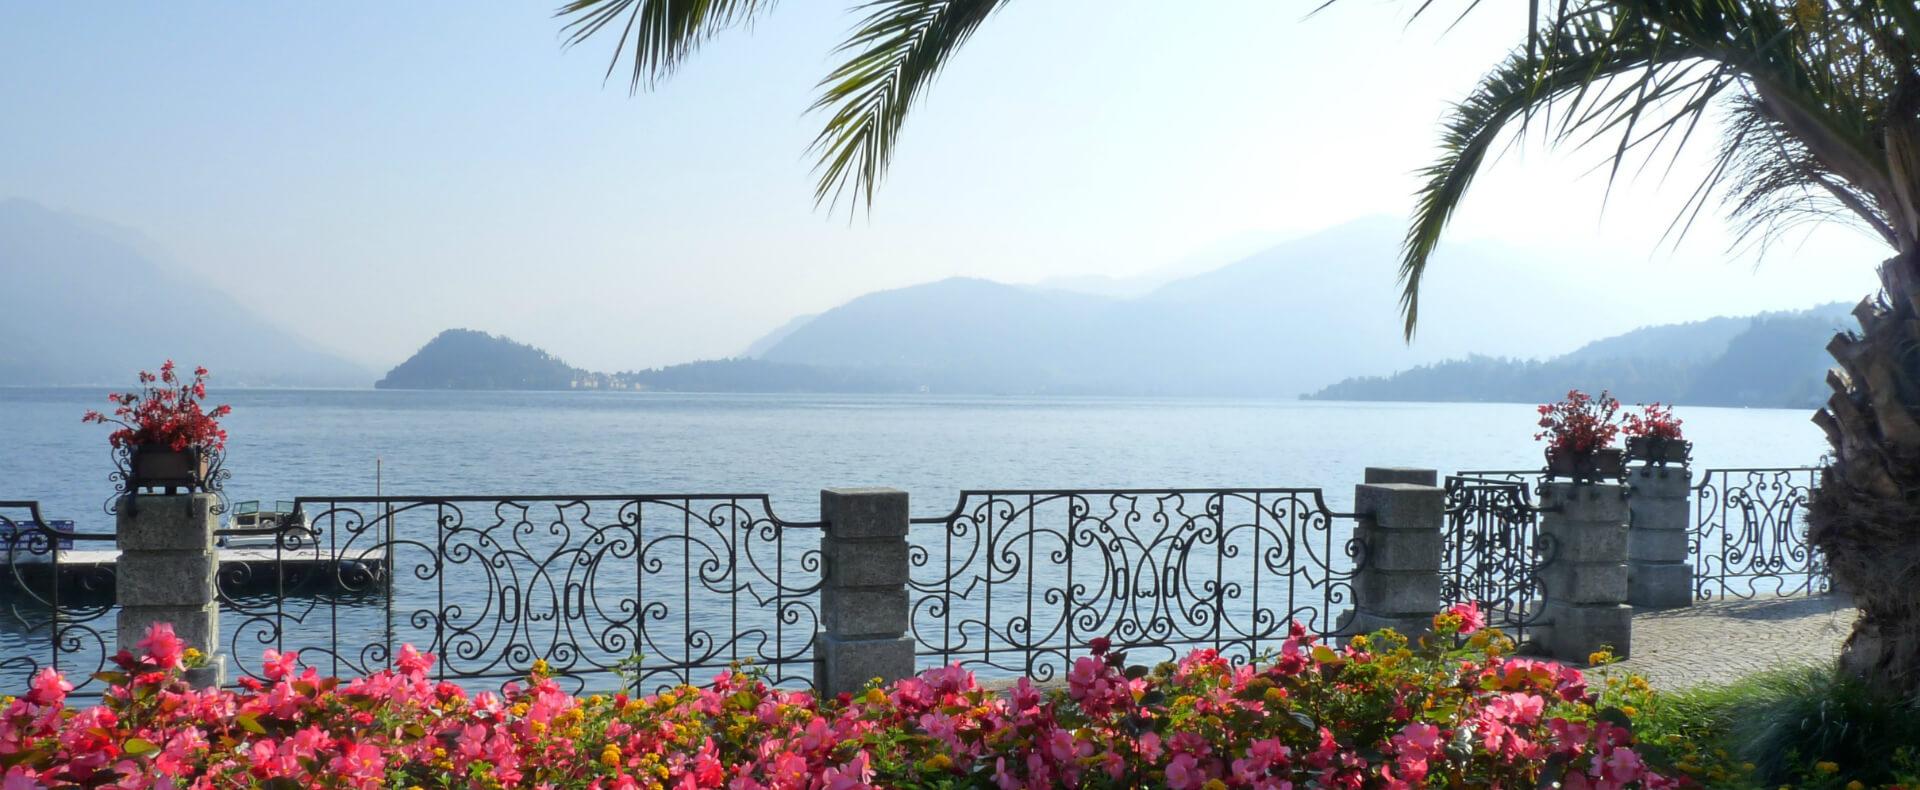 Como, Italy